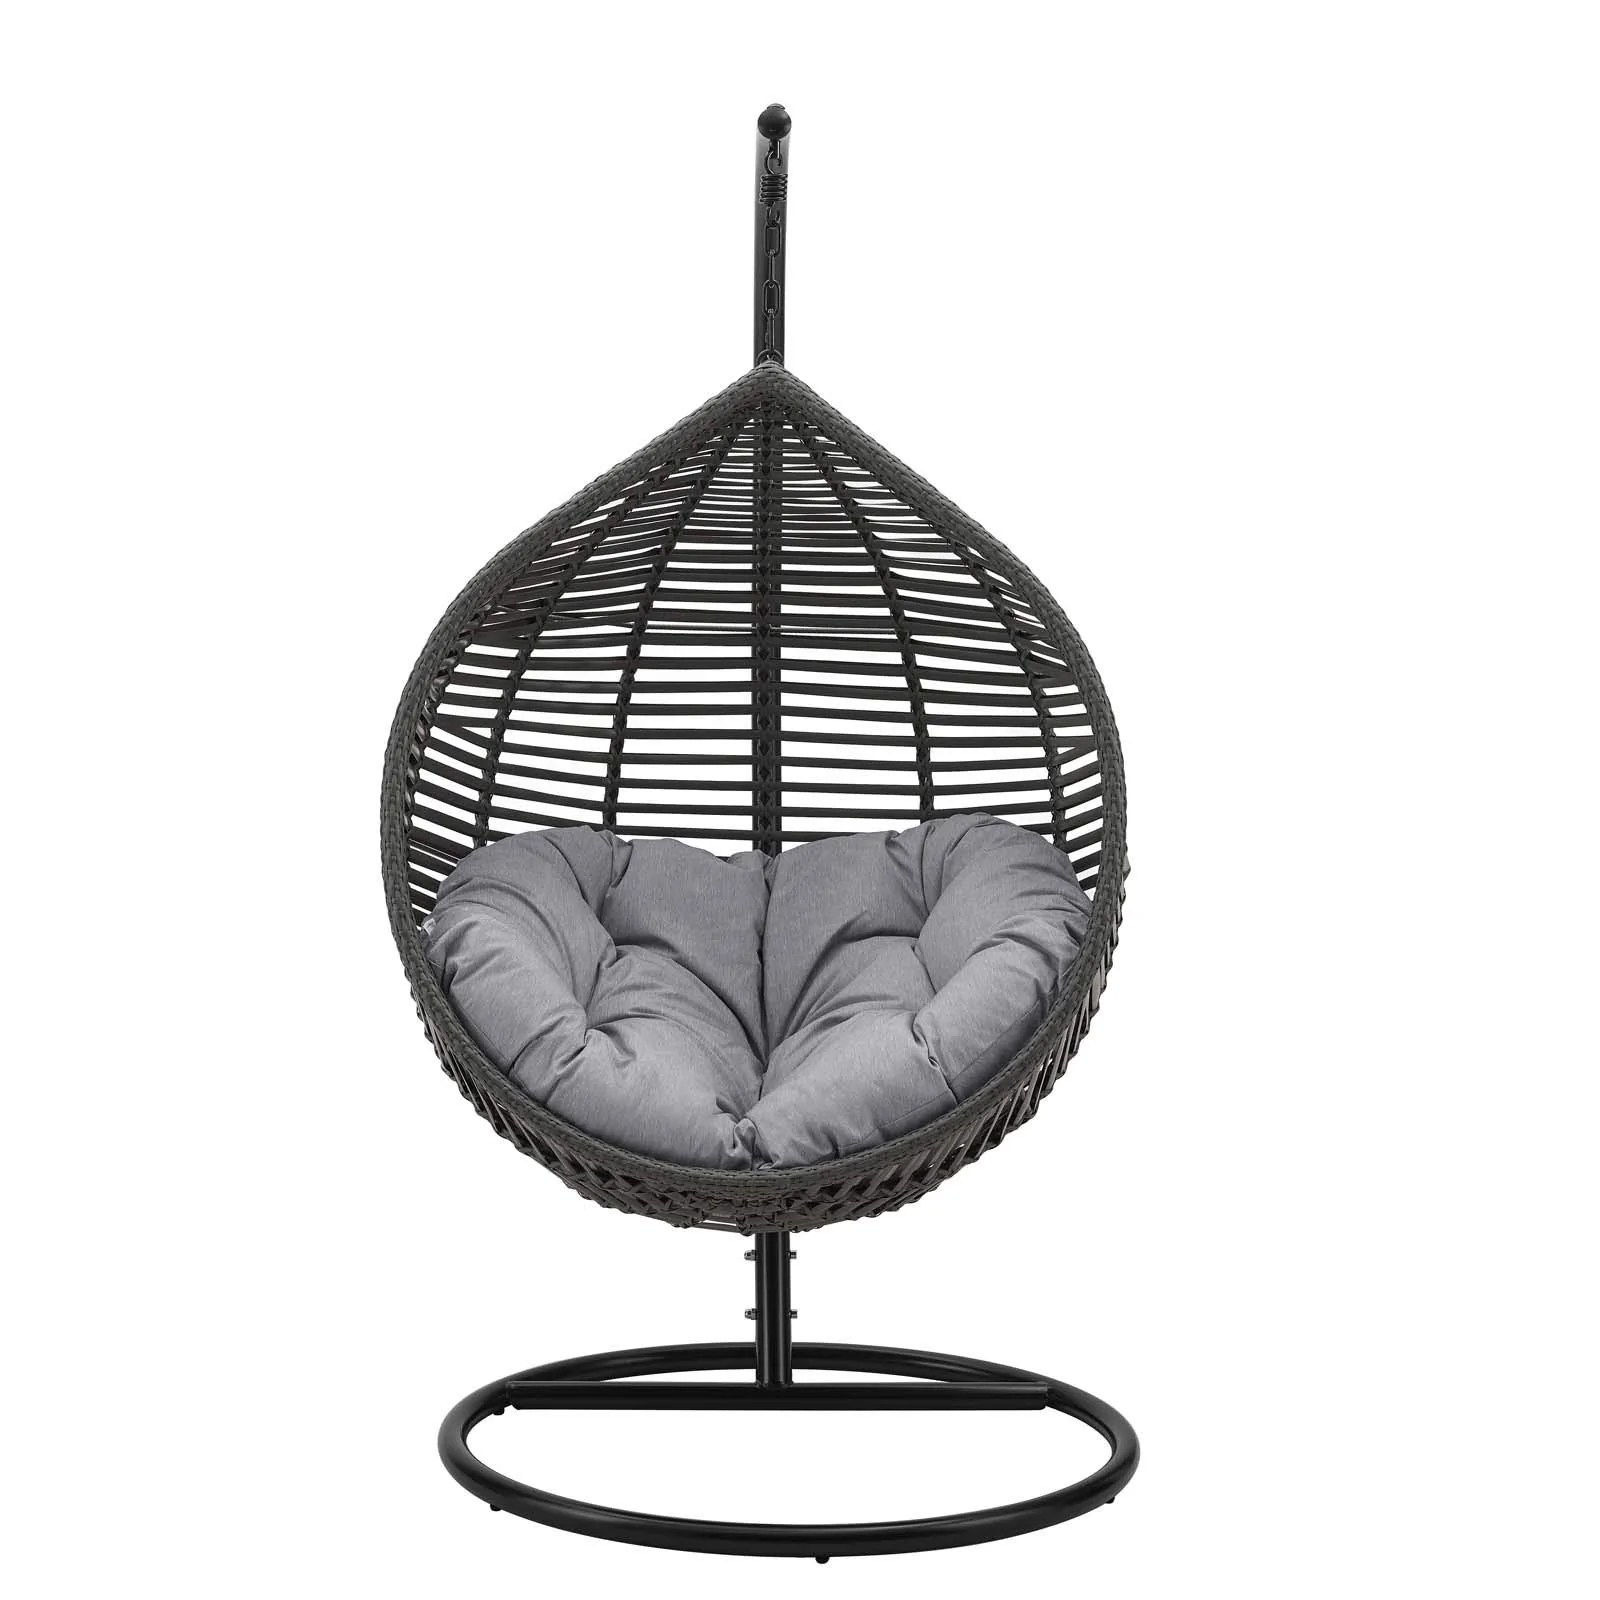 modway garner outdoor patio wicker rattan teardrop swing chair in gray